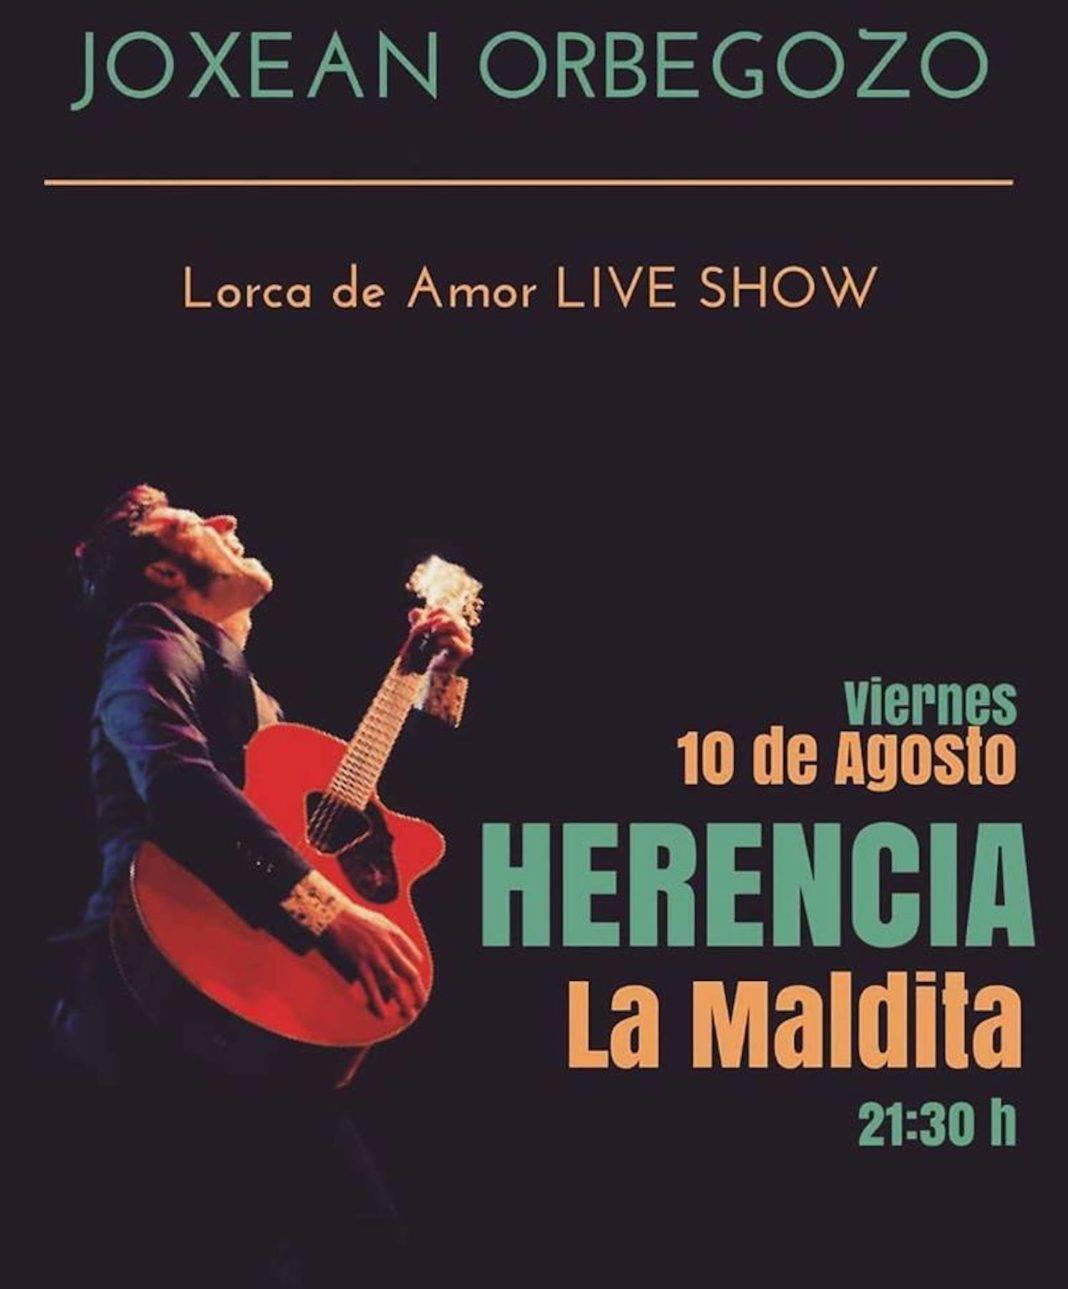 """joxean orbegozo lorca de amor 1068x1289 - Joxean Orbegozo trae su show """"Lorca de Amor"""" a Herencia"""